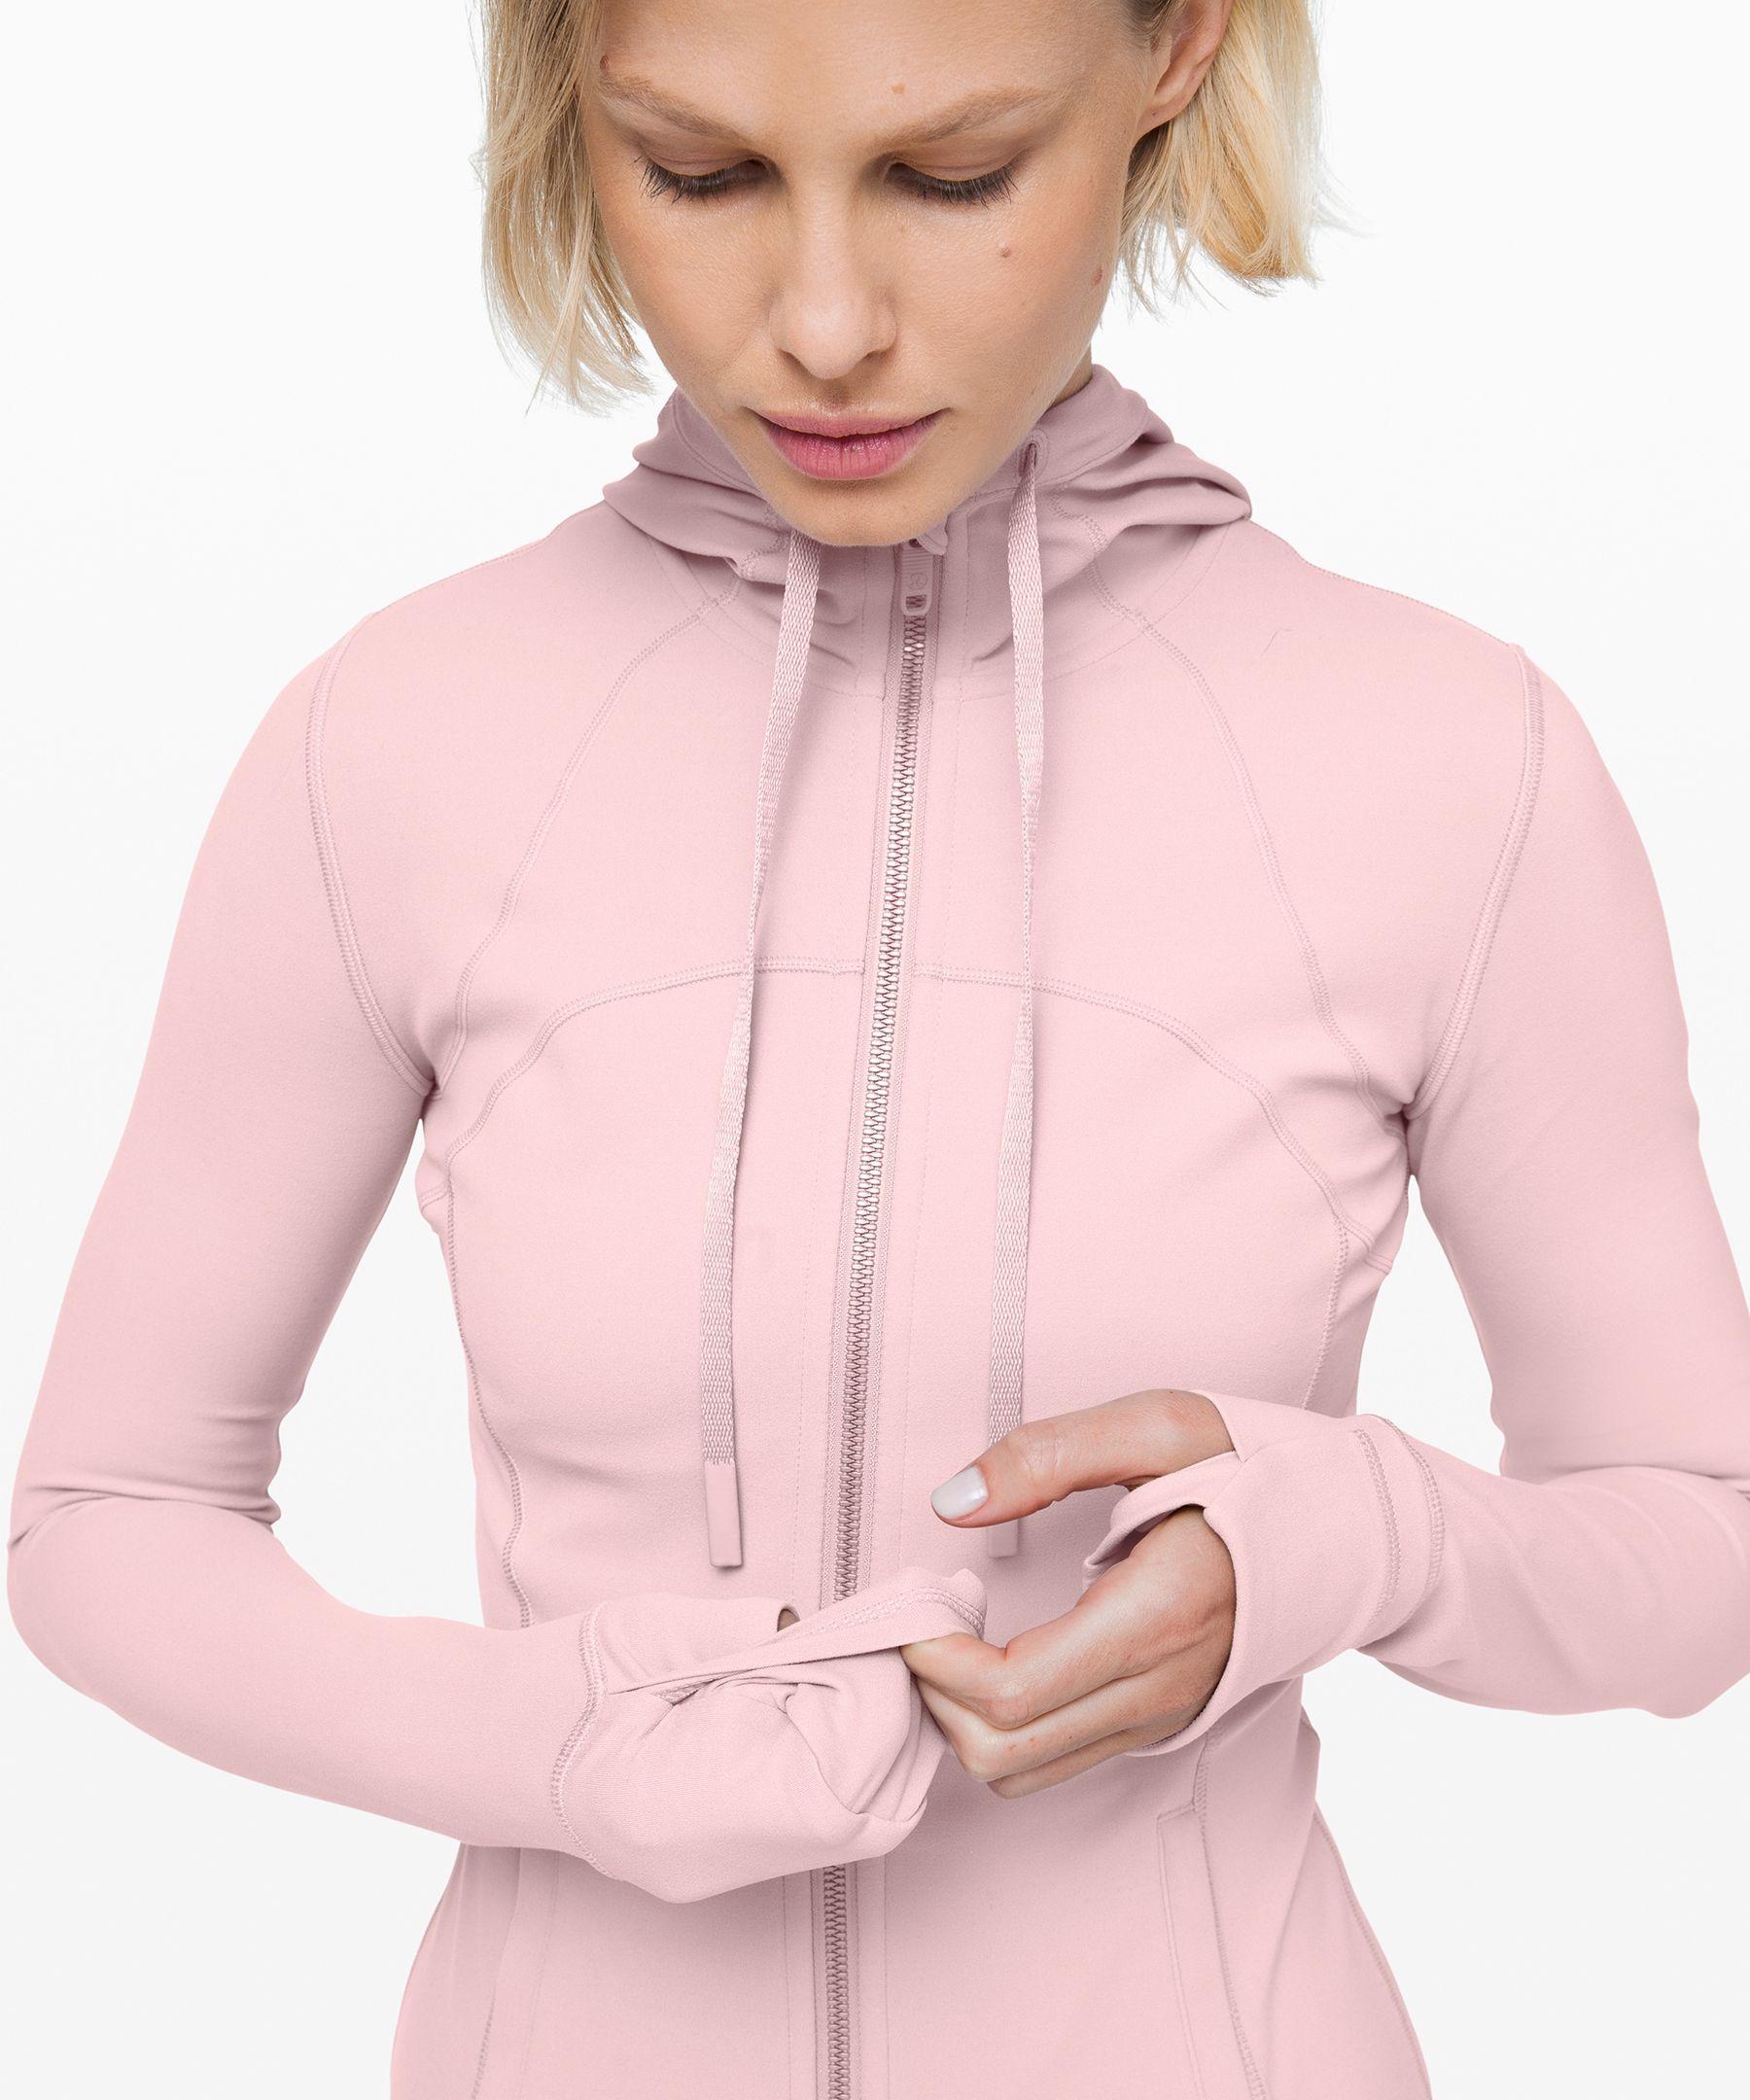 Hooded Define Jacket Nulu Women S Jackets Outerwear Lululemon In 2021 Jackets Jackets For Women Outerwear Jackets [ 2160 x 1800 Pixel ]